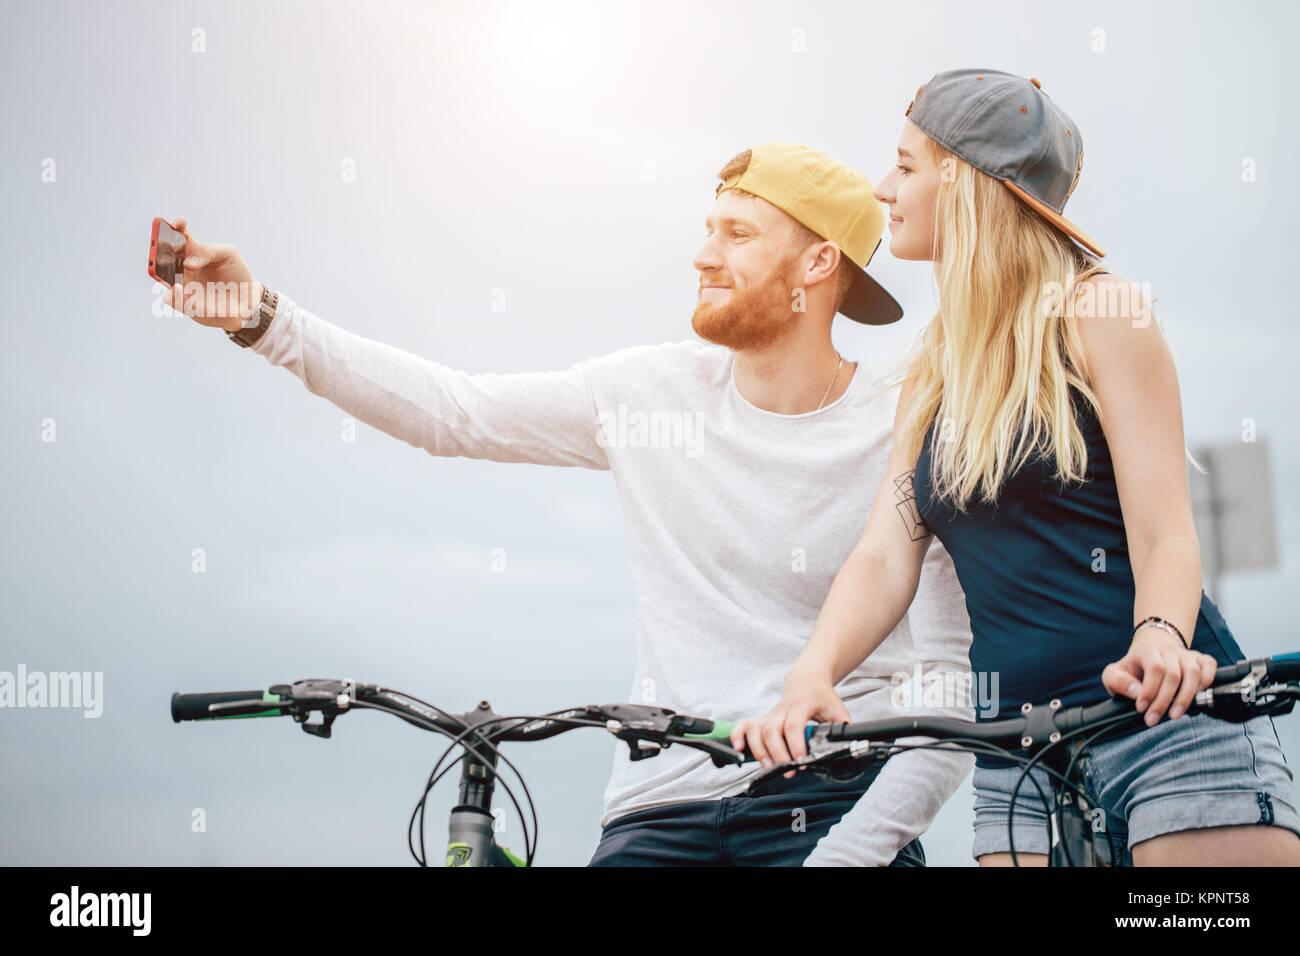 Coppia felice con la bicicletta prendendo selfie all'aperto Immagini Stock